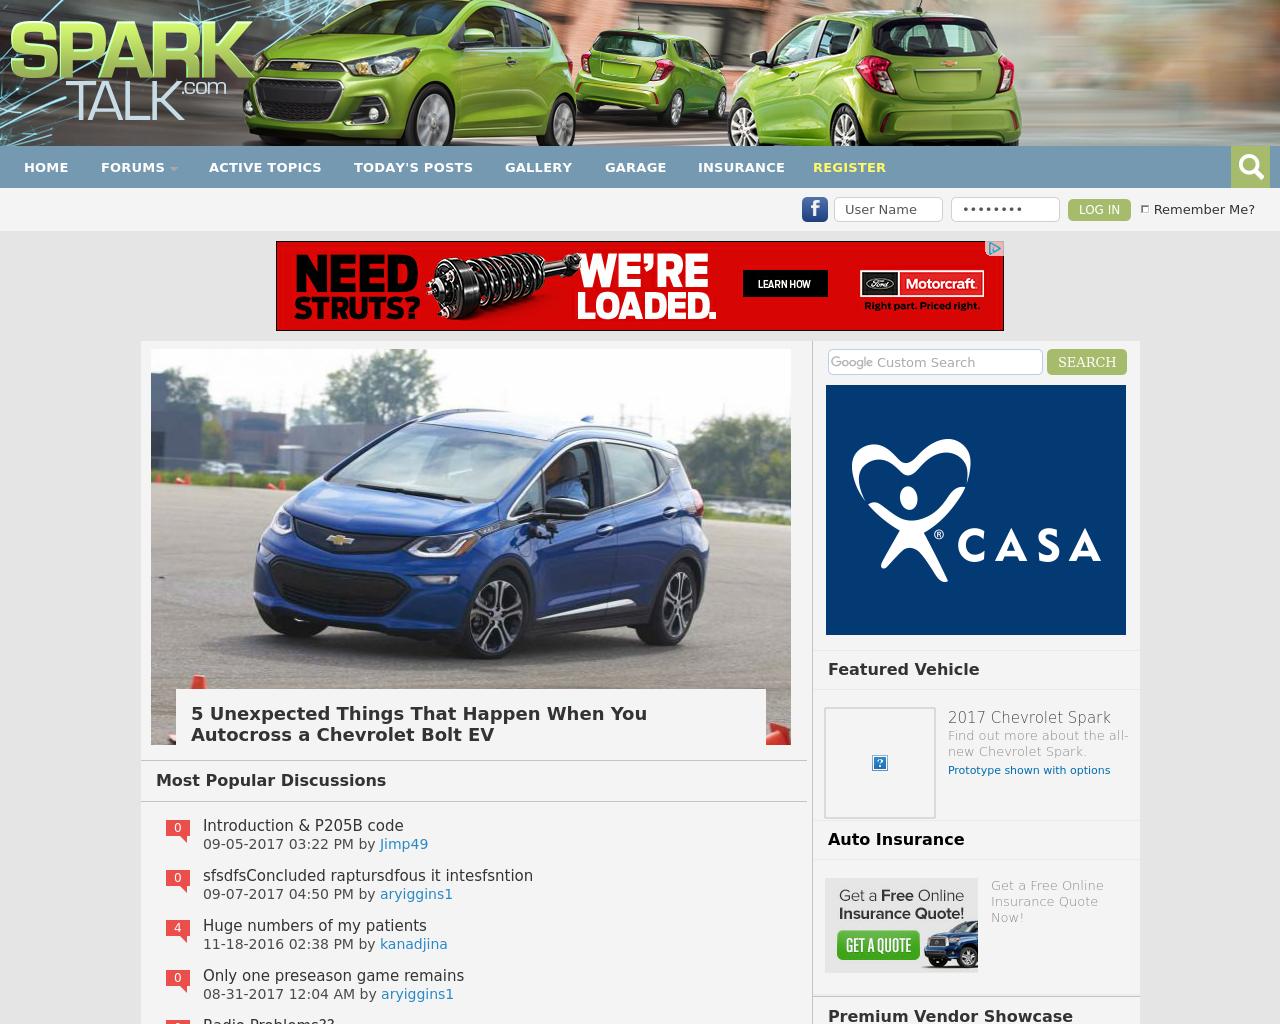 SparkTalk-Advertising-Reviews-Pricing